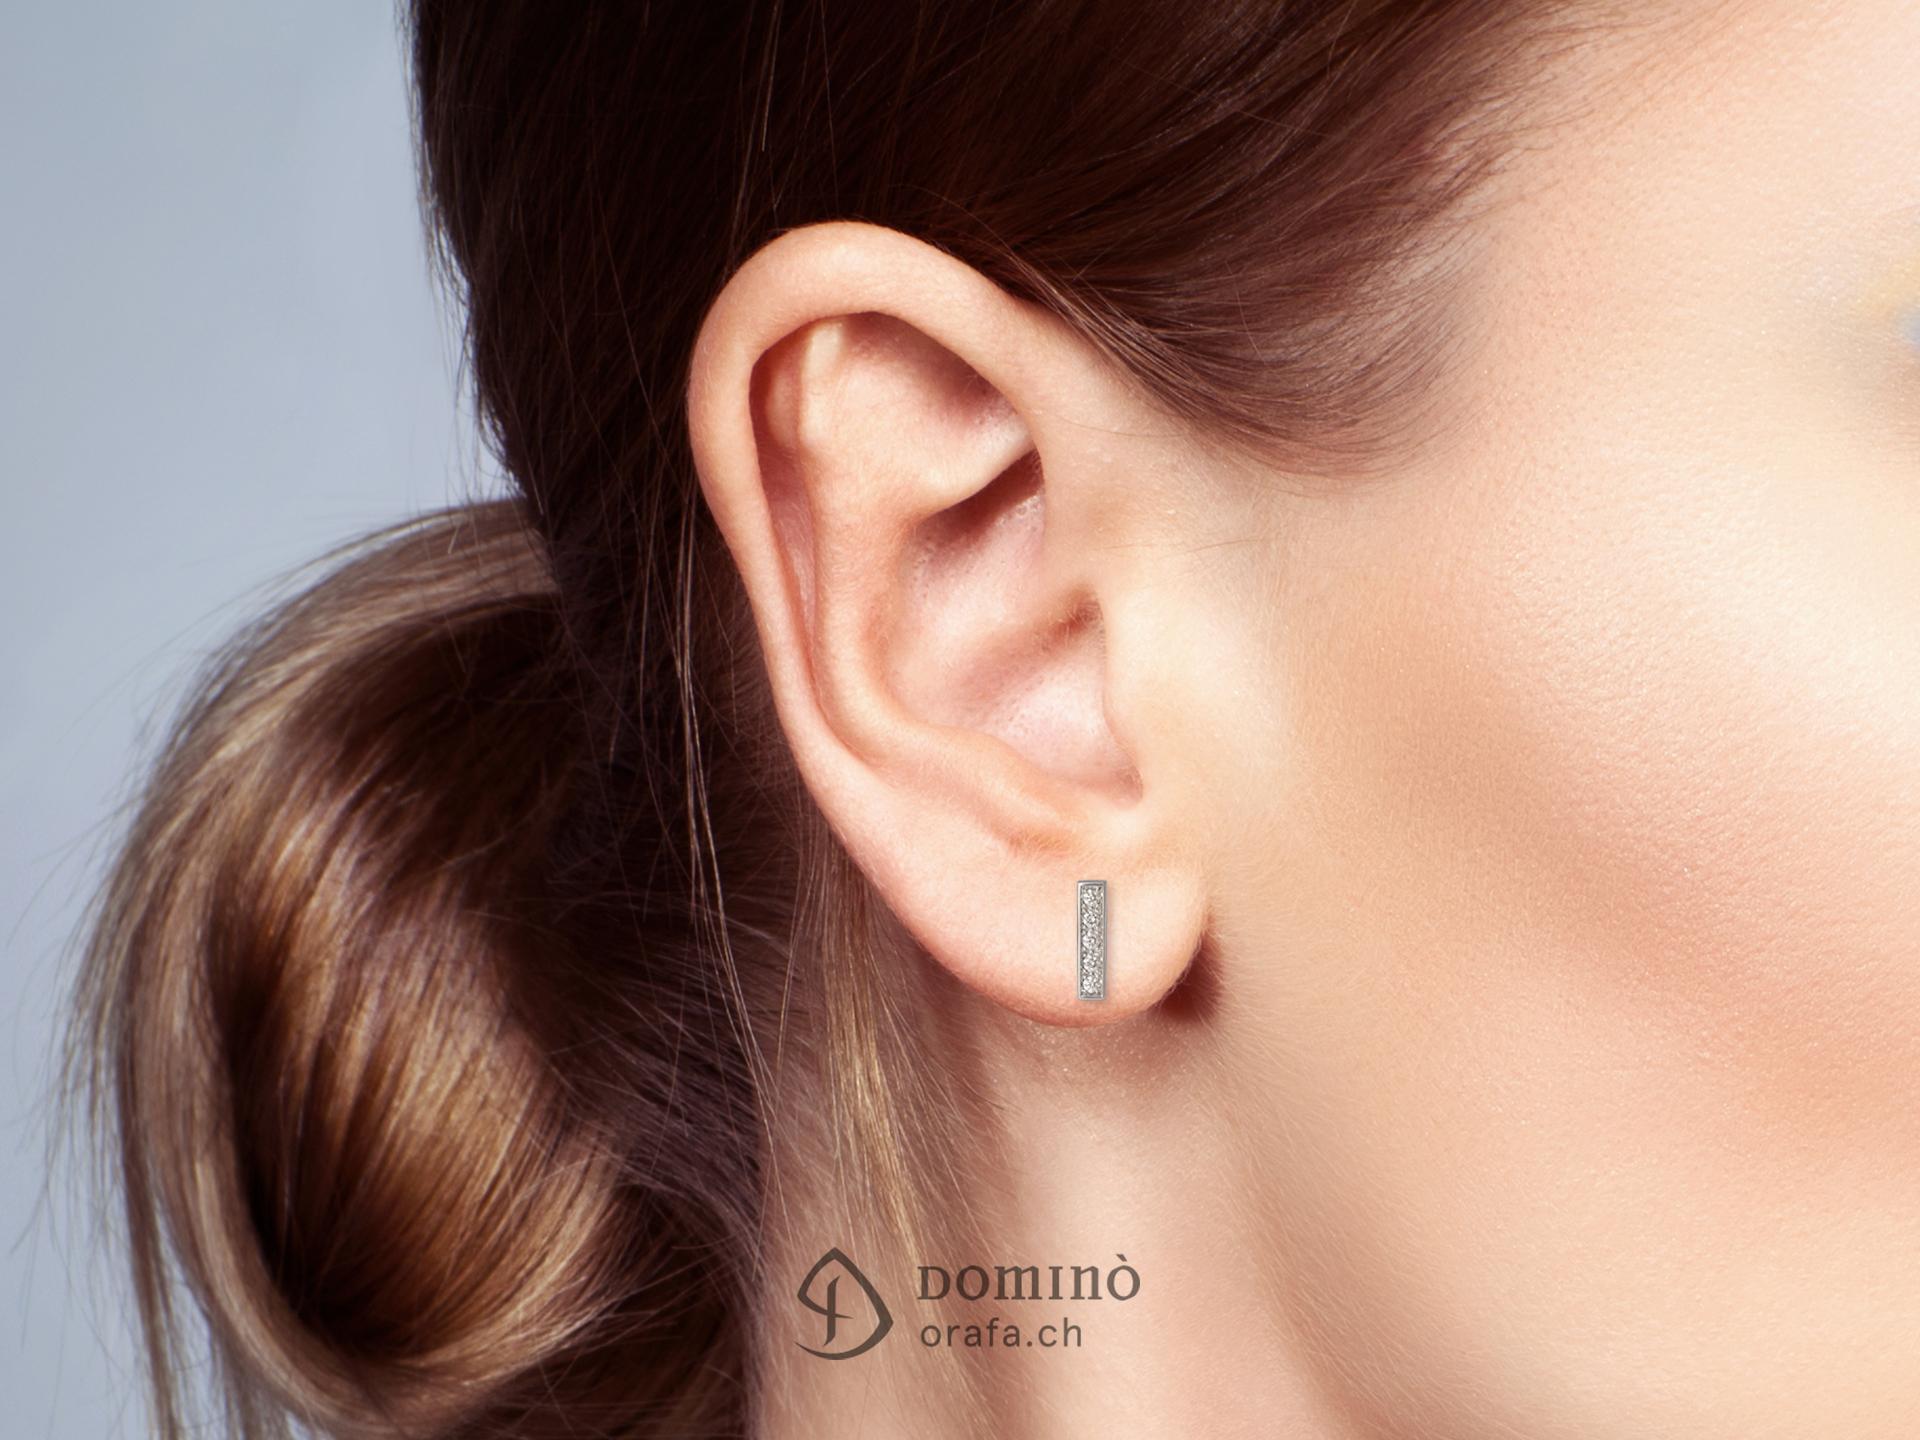 orecchini-rettangolari-piccoi-10-diamanti-pave-1